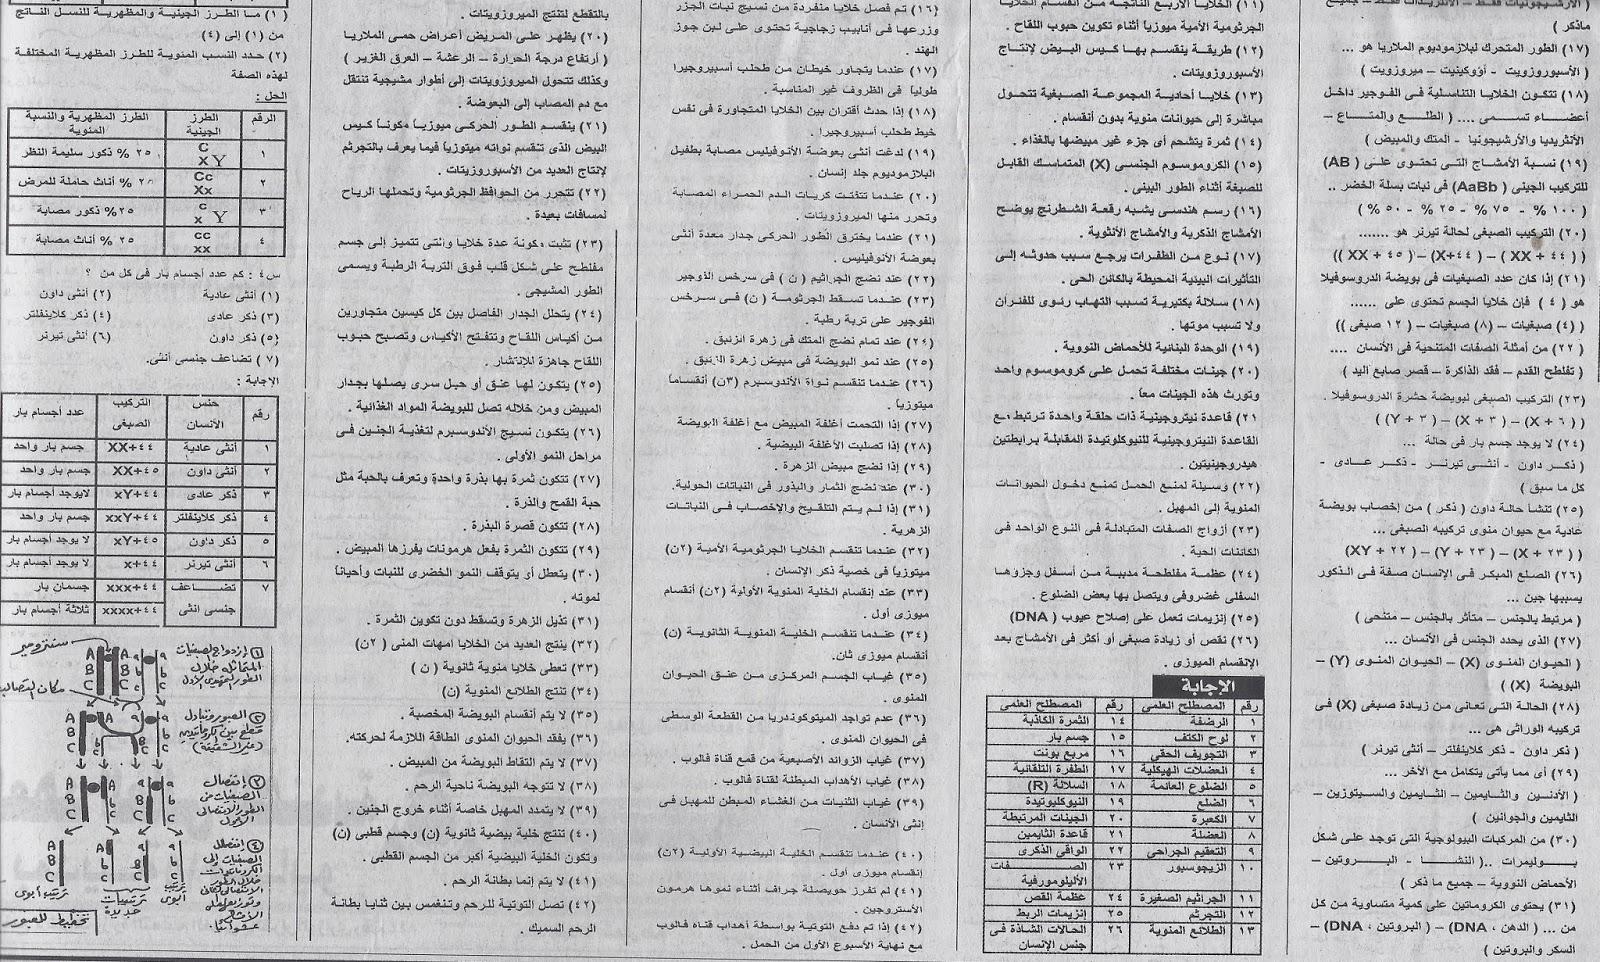 مراجعة ليلة الامتحان الاحياء الثانوية العامة 2014 نظام حديث جريدة الجمهورية التعليمى